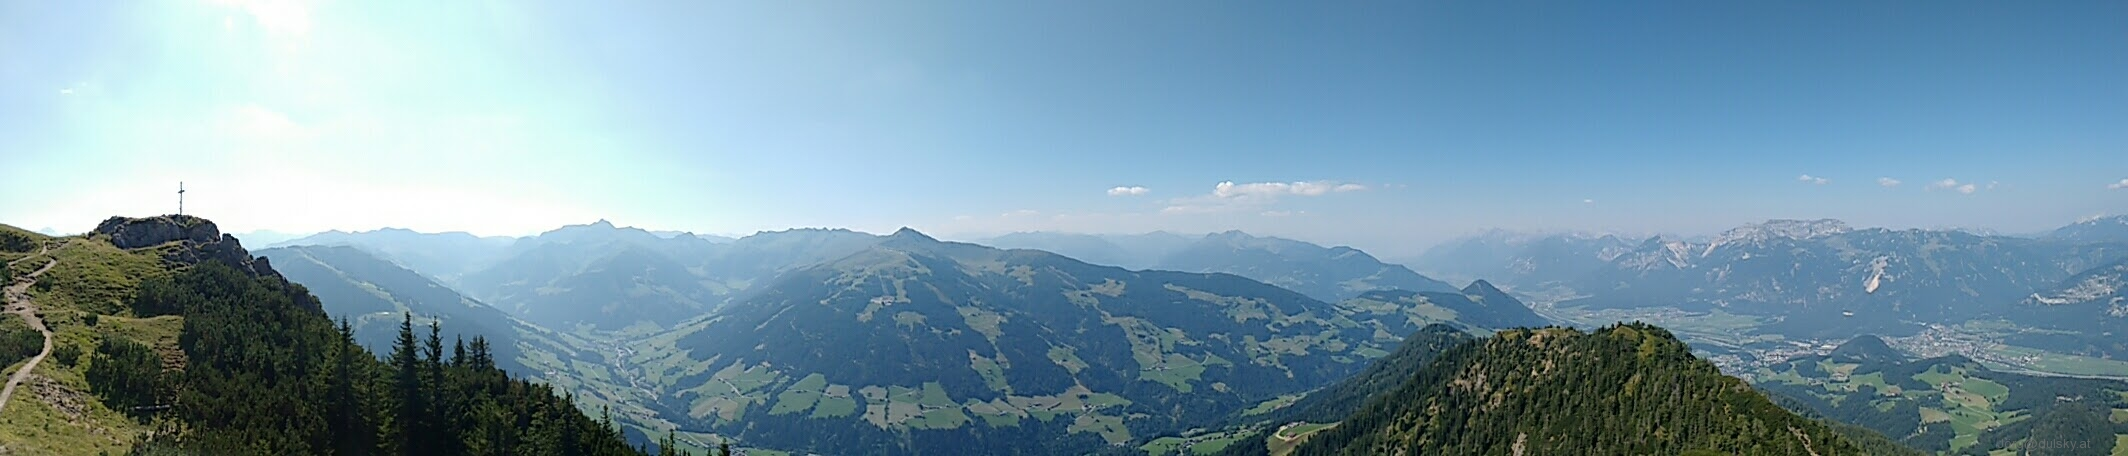 Blick ins Alpbachtal in Tirol